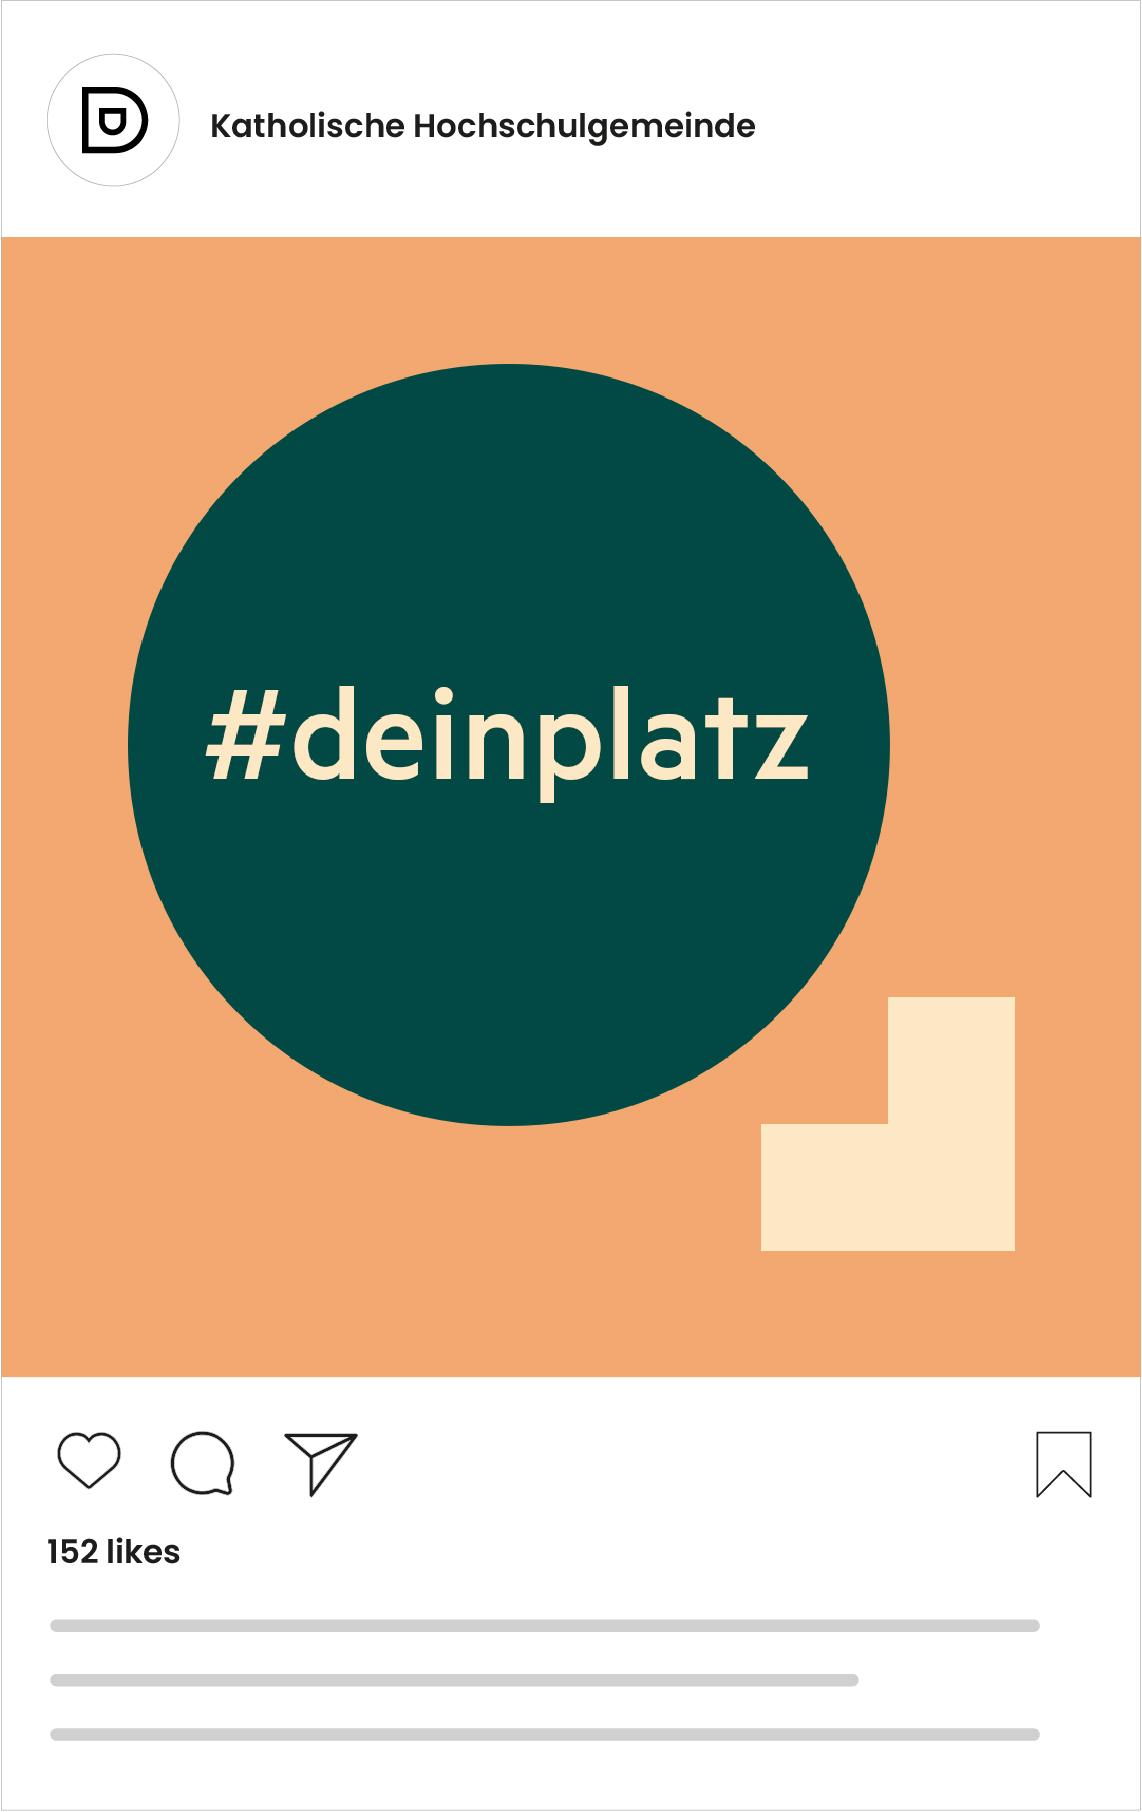 Katholische Hochschulgemeinde Düsseldorf Social Media Post zur Kampagneneinführung